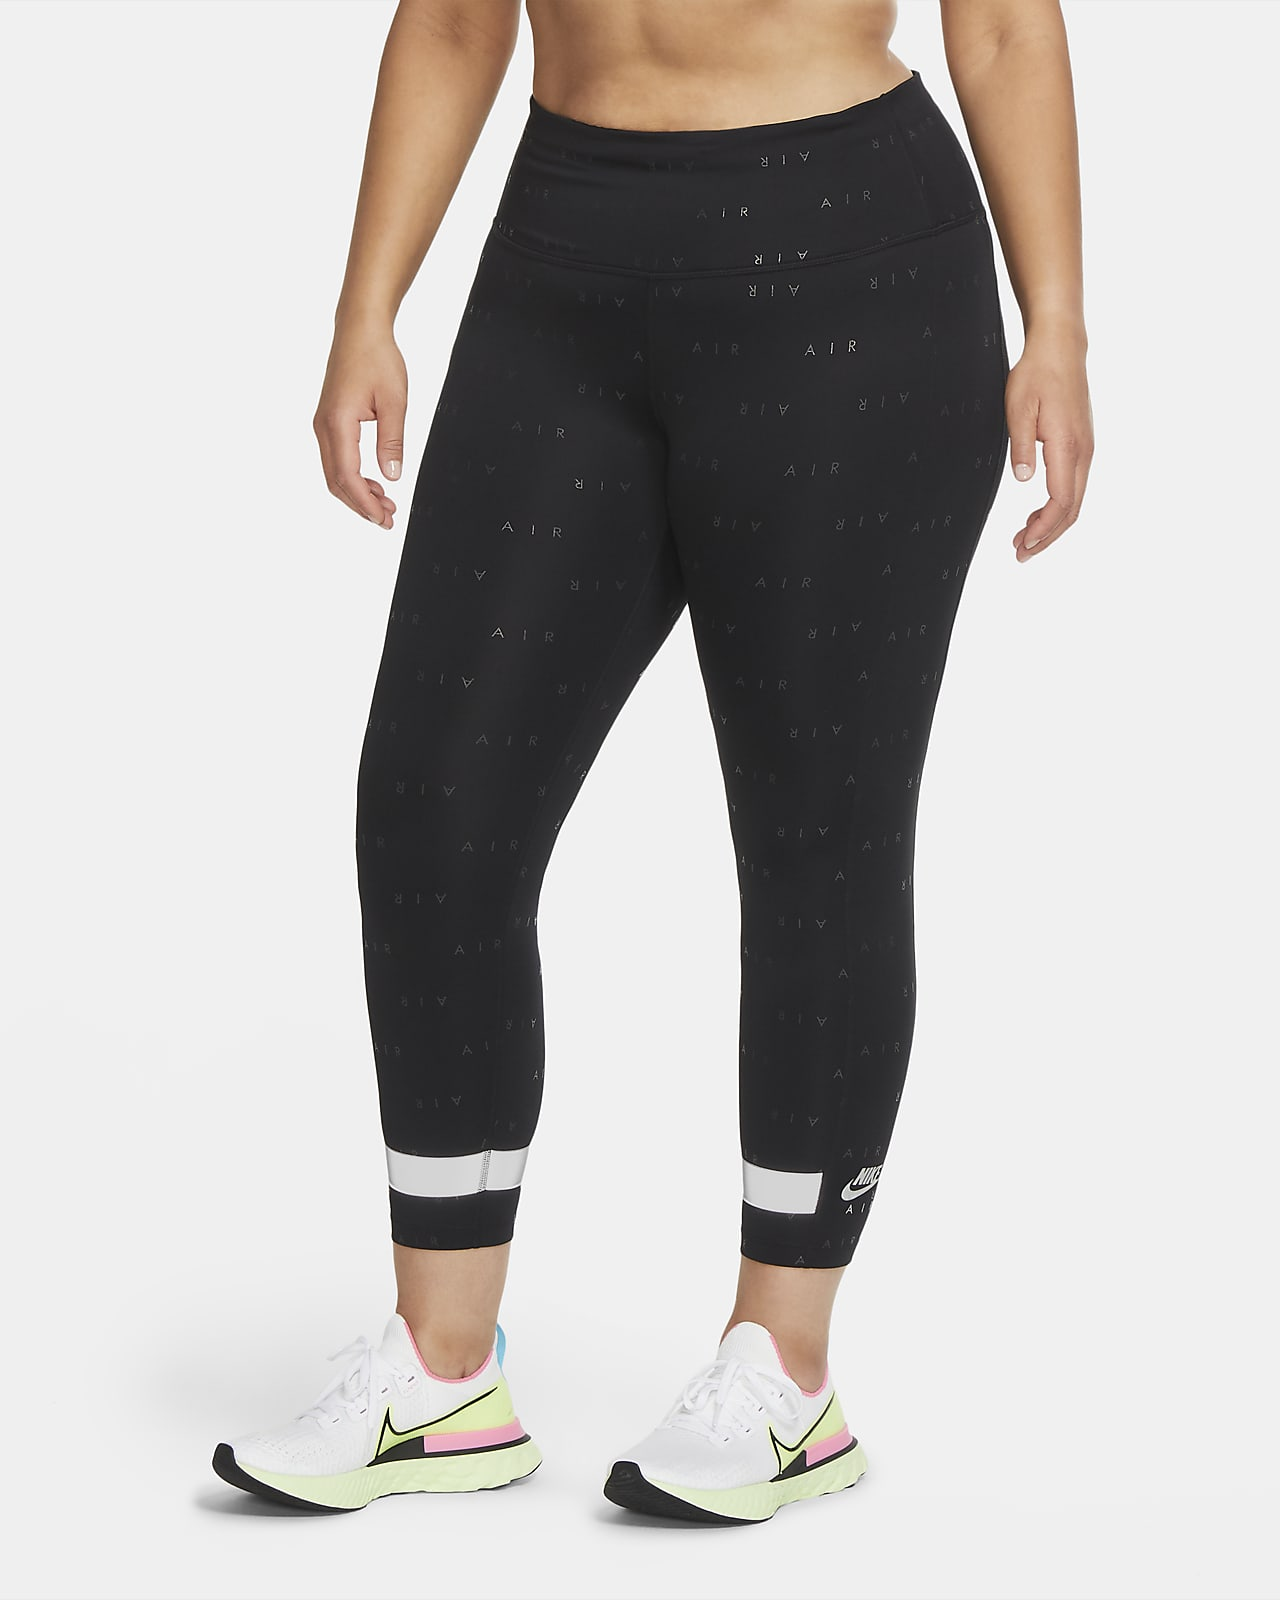 Nike Air 7/8-Lauf-Leggings für Damen (große Größe)